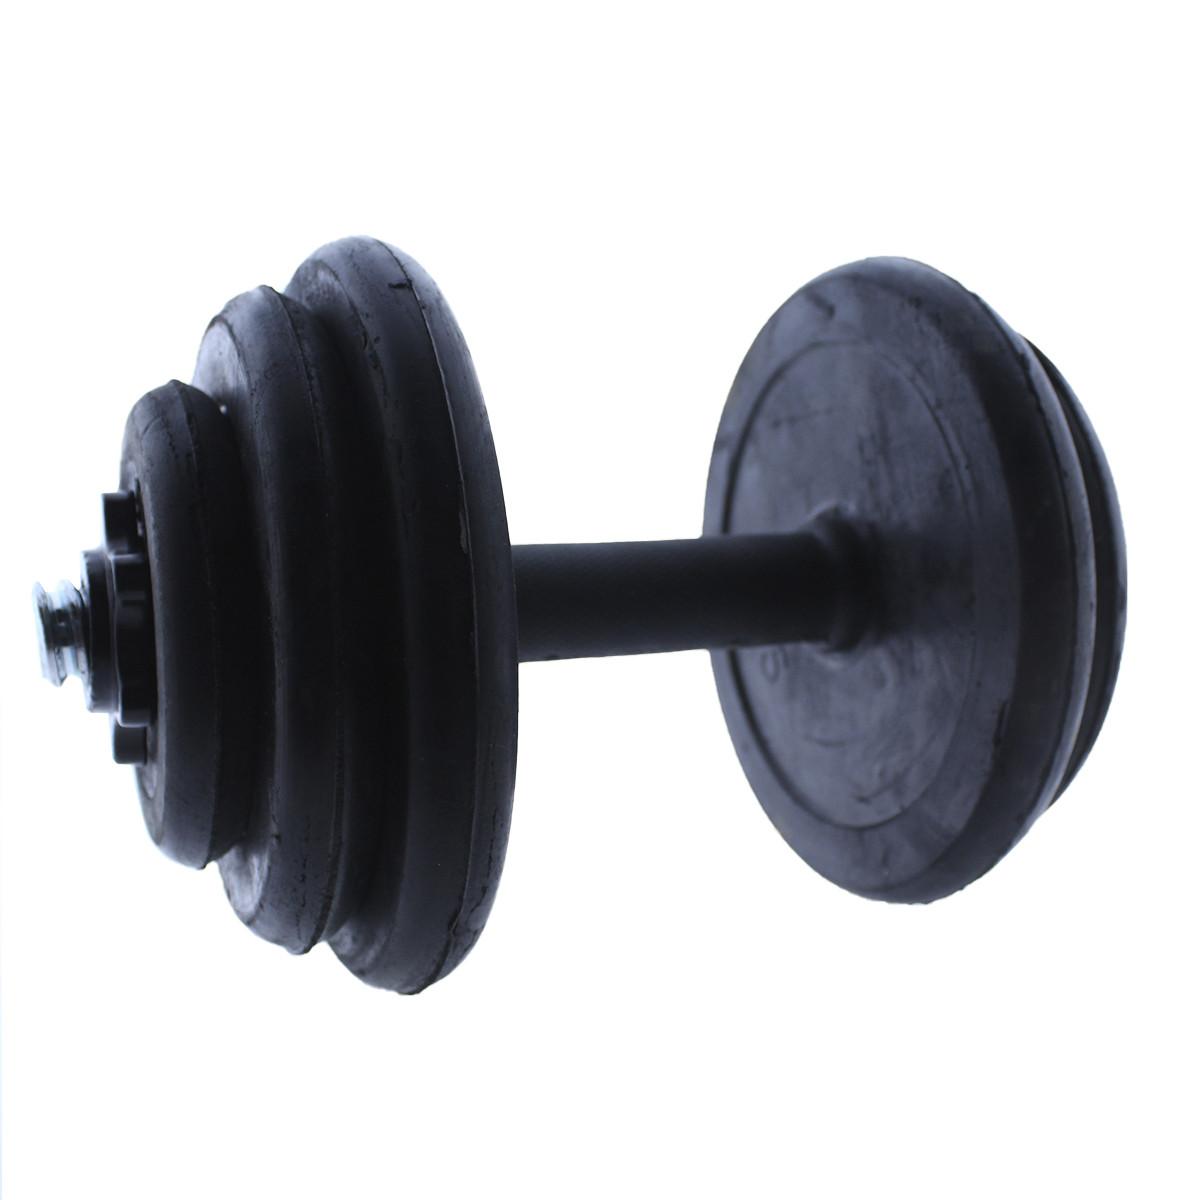 Set-de-mancuernas-ajustables-Negras-con-discos-de-Goma-10kg-12kg-15kg-20-k miniatura 17